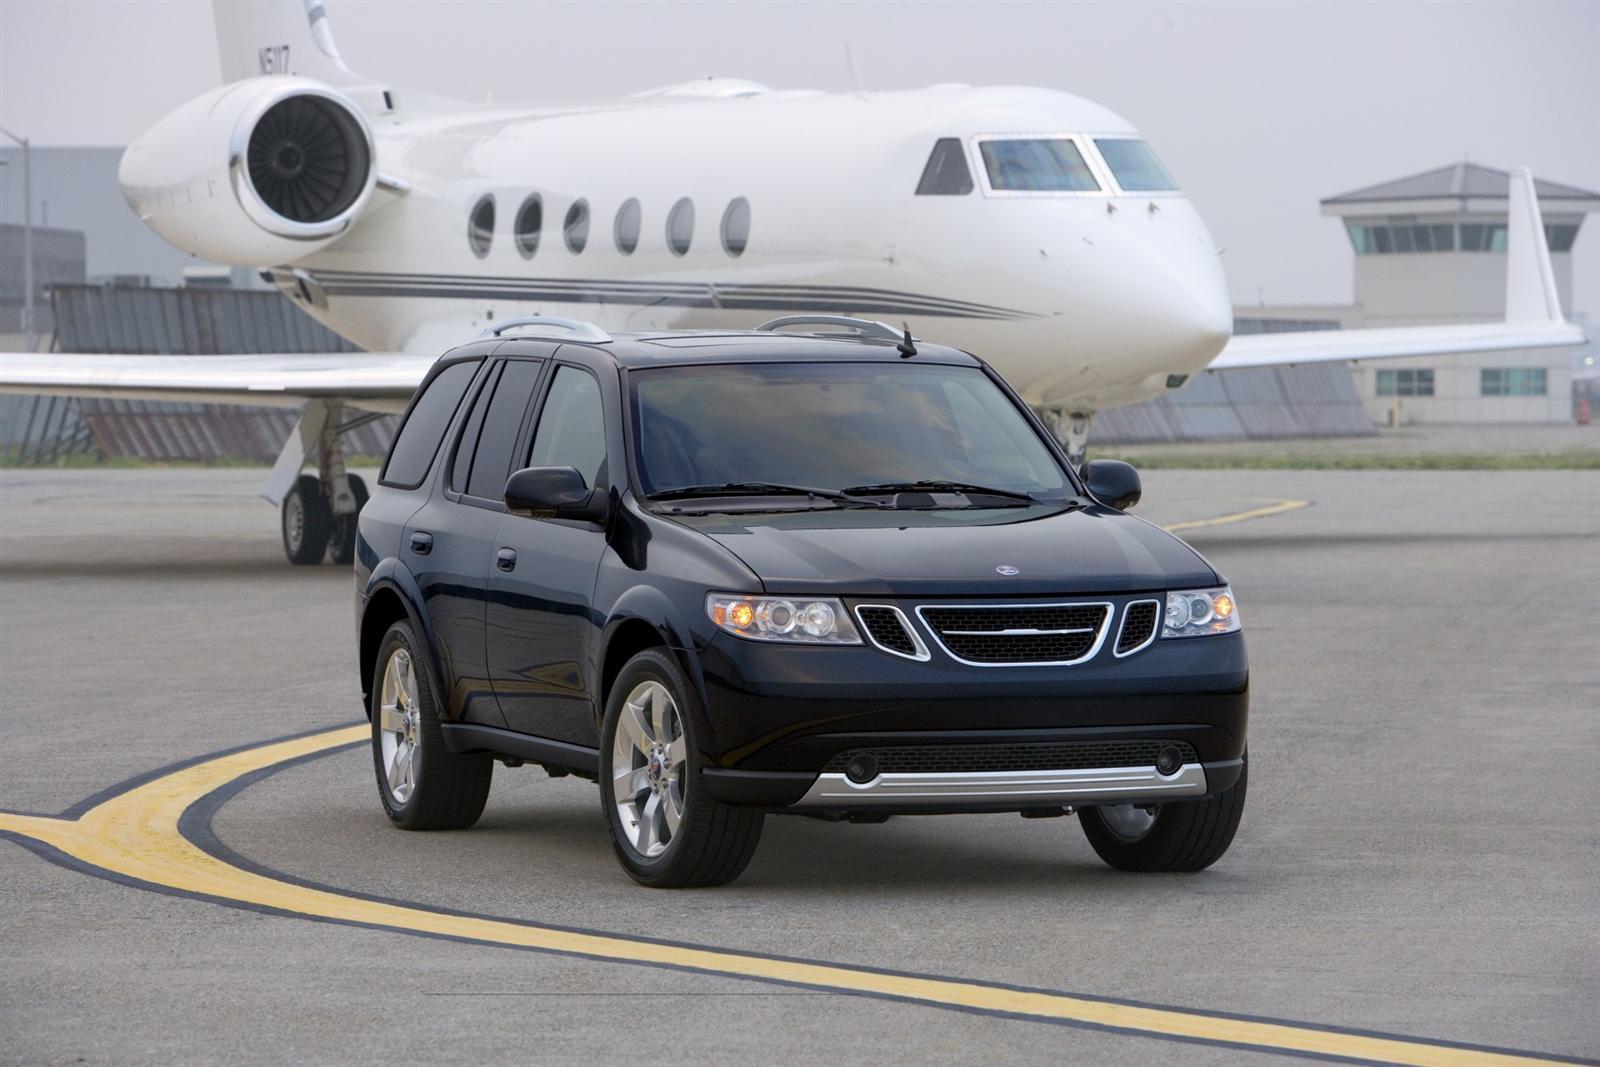 2009 Saab 9-7X Image